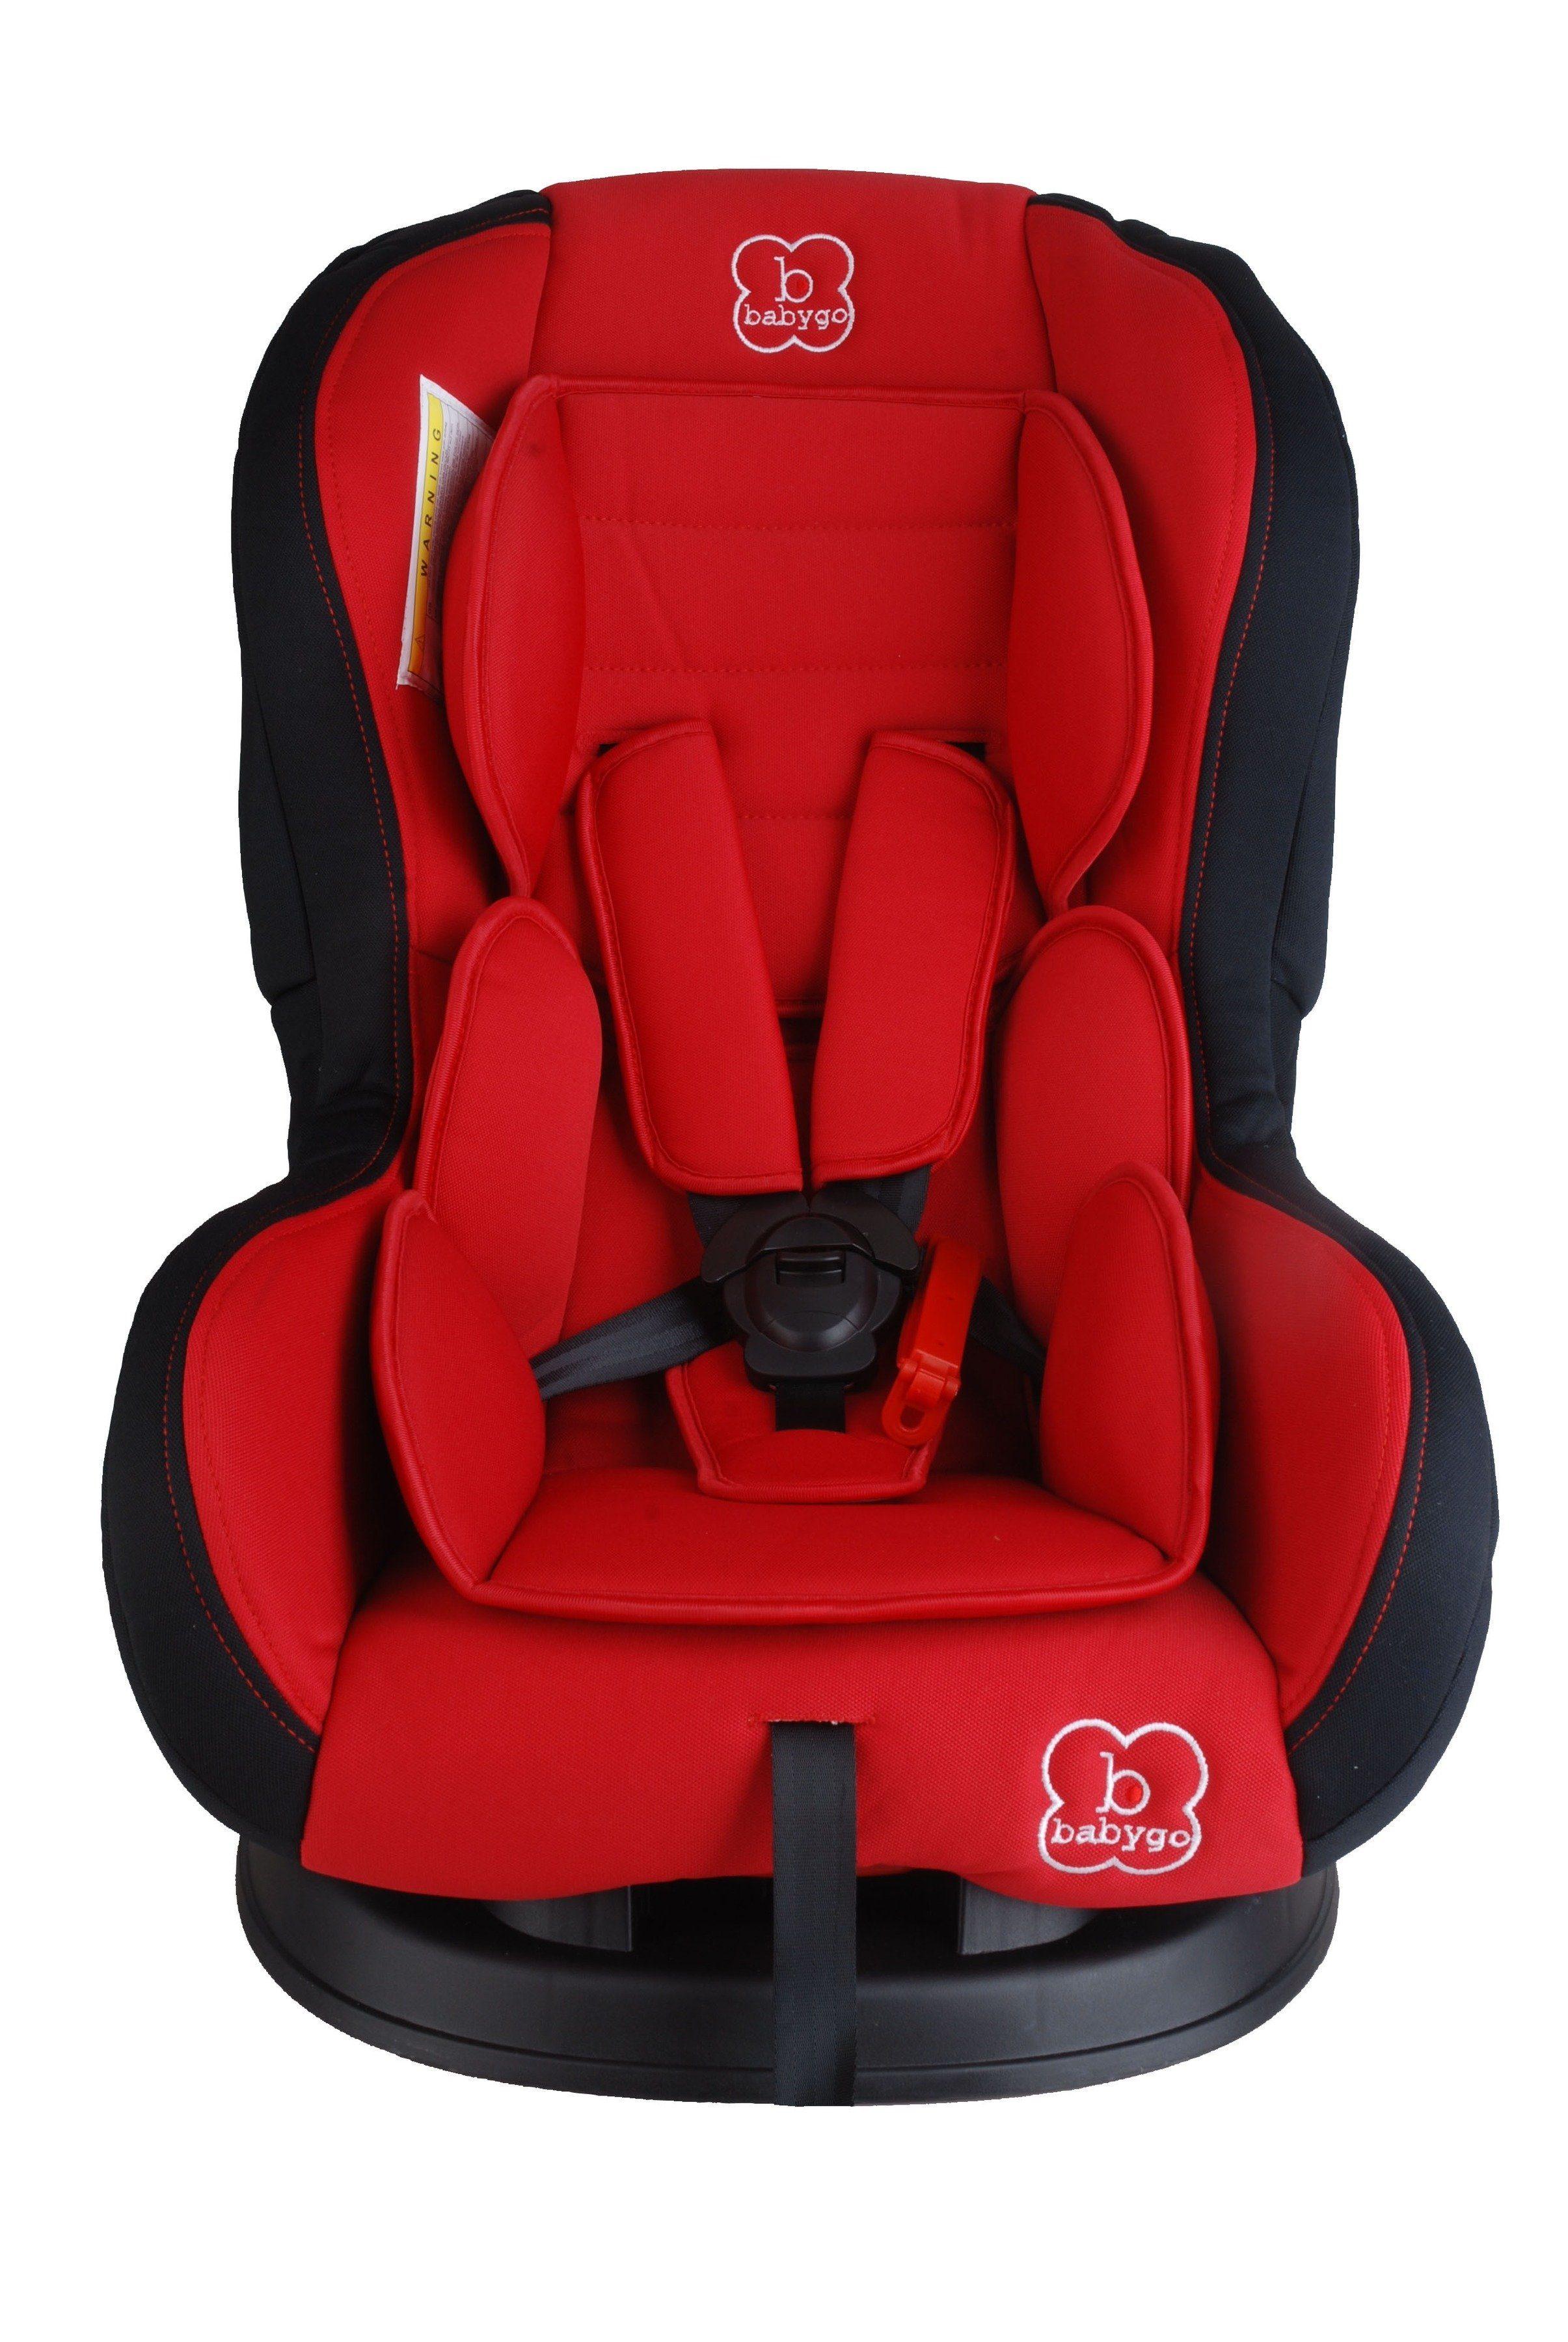 BABYGO Kindersitz »Tojo«, 9 - 18 kg, Reboard